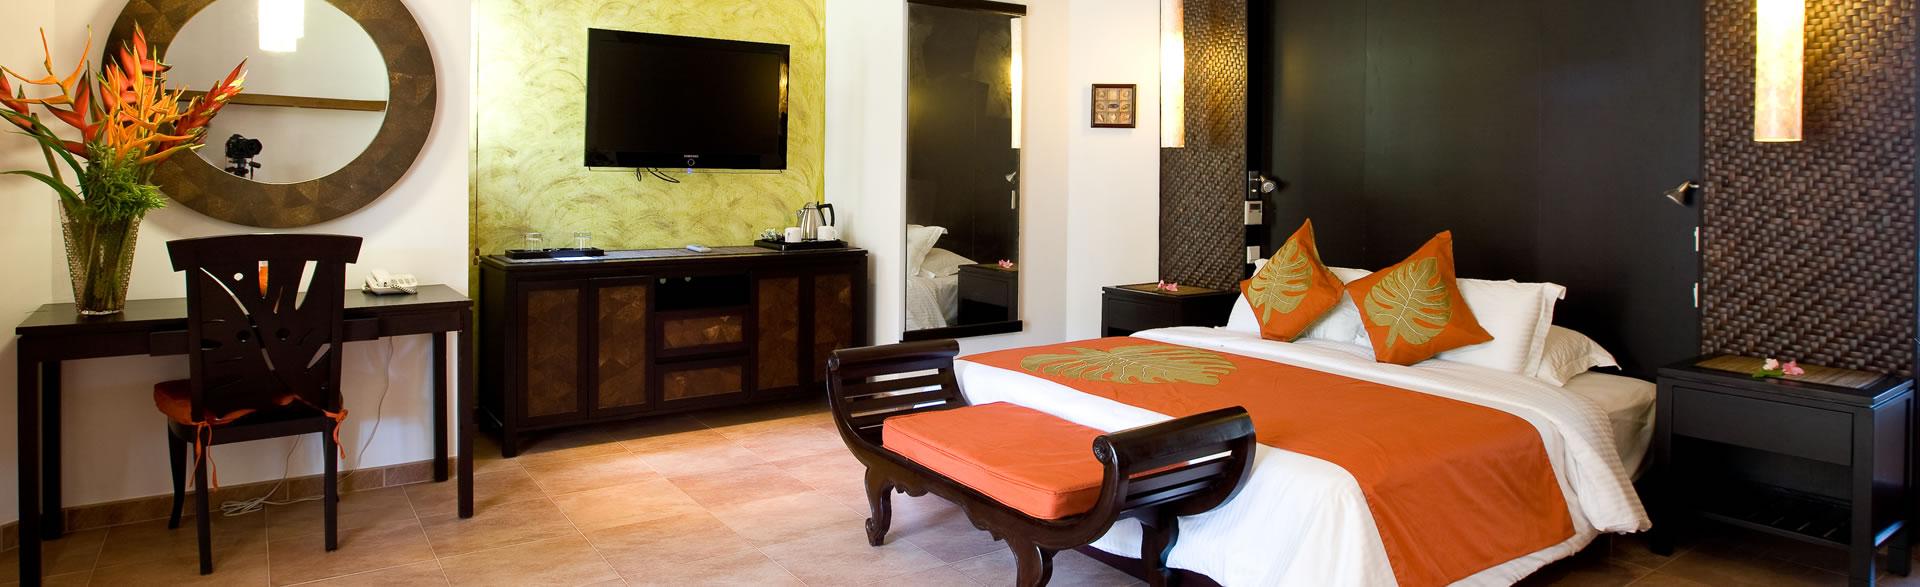 honeymoon-suite-banner